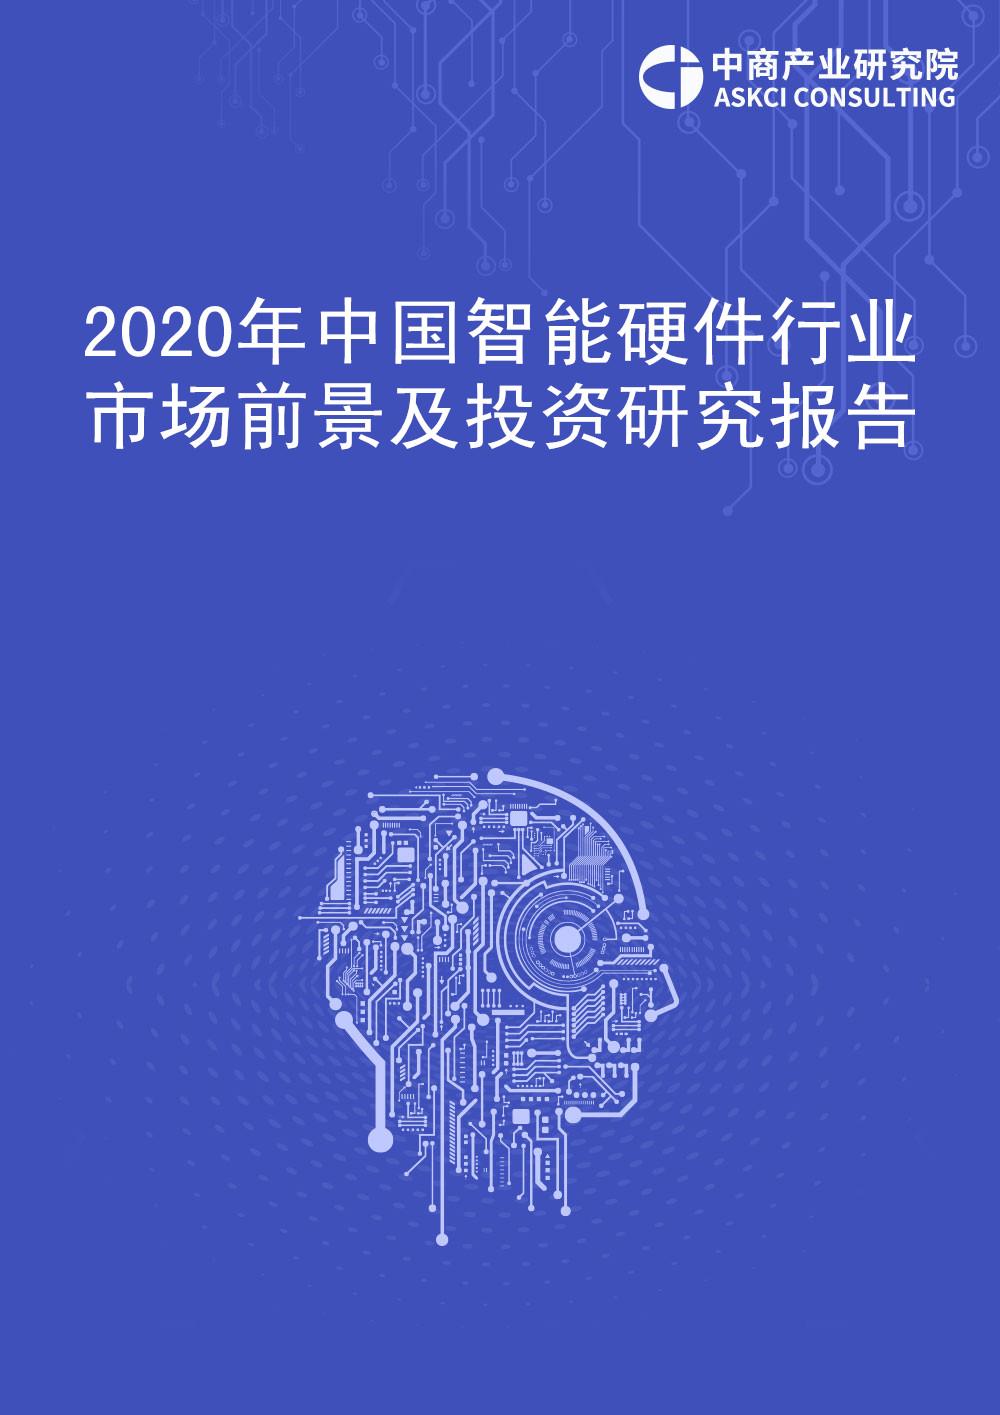 2020年中国智能硬件行业市场前景及投资研究报告